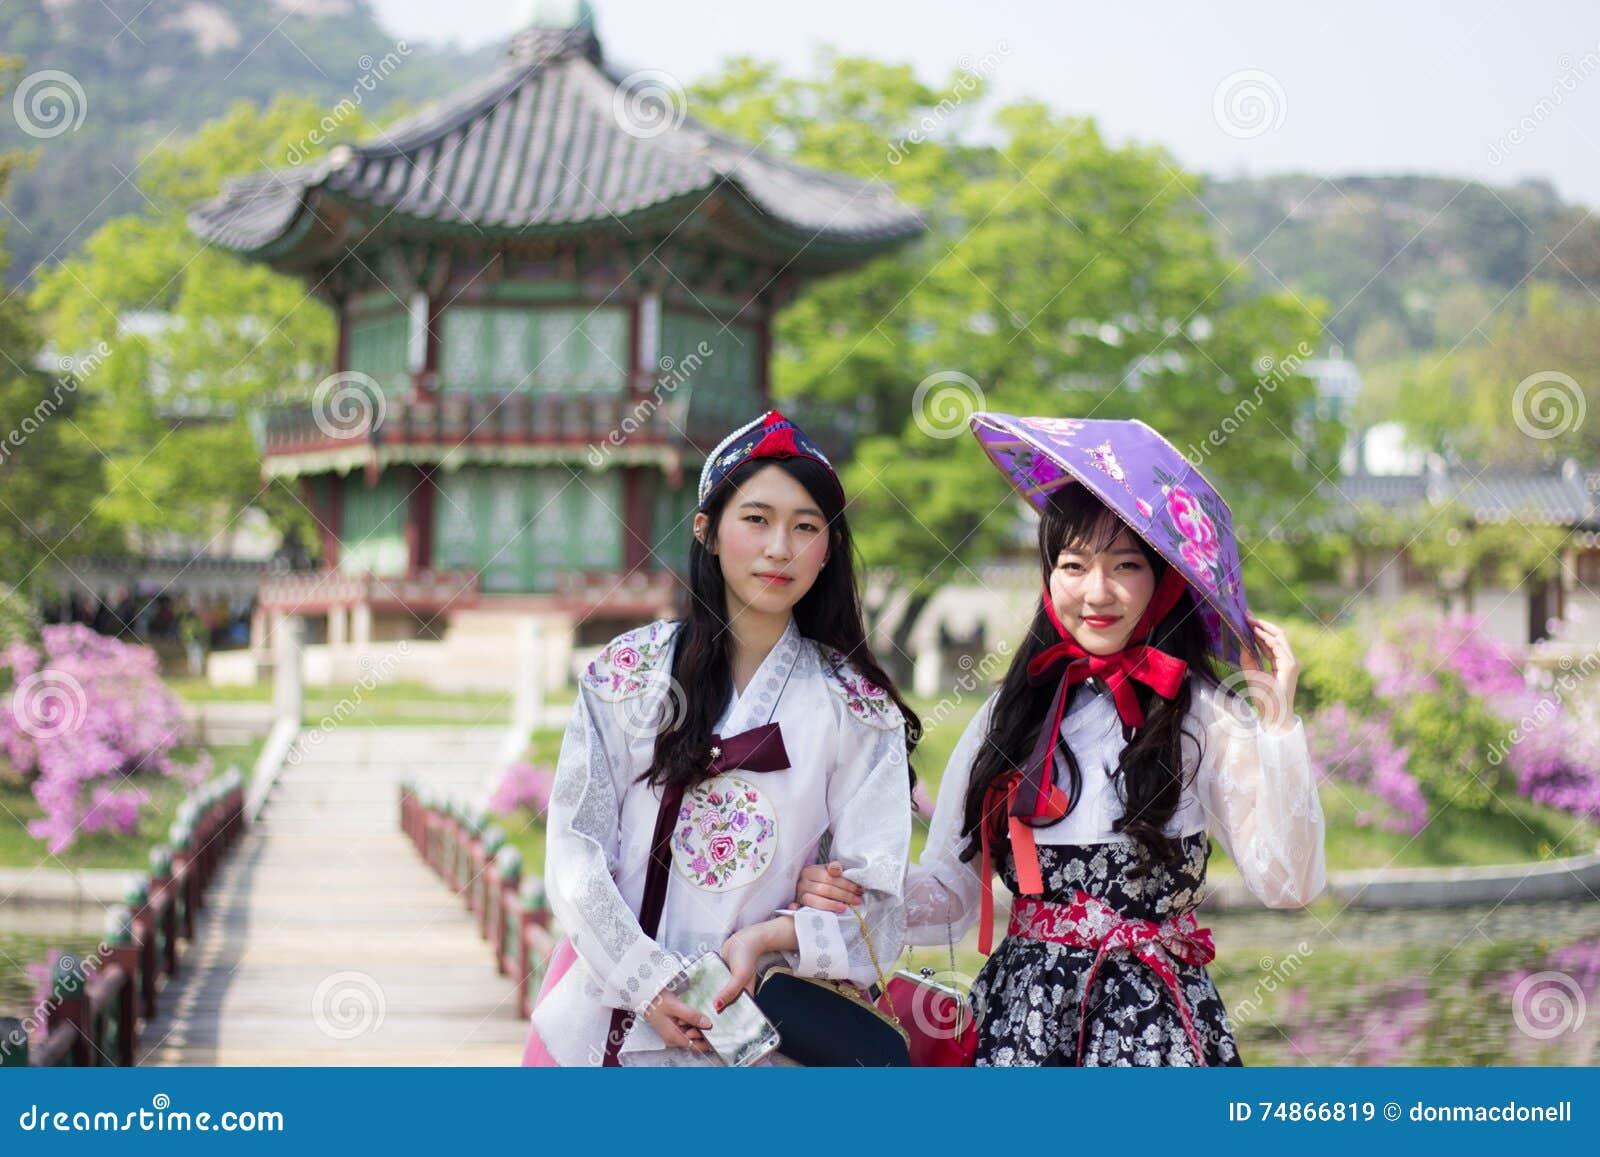 Korean women wearing hanbok at gyeongbokgung palaces pavilion korean women wearing hanbok at gyeongbokgung palace s pavilion seoul south korea sciox Image collections